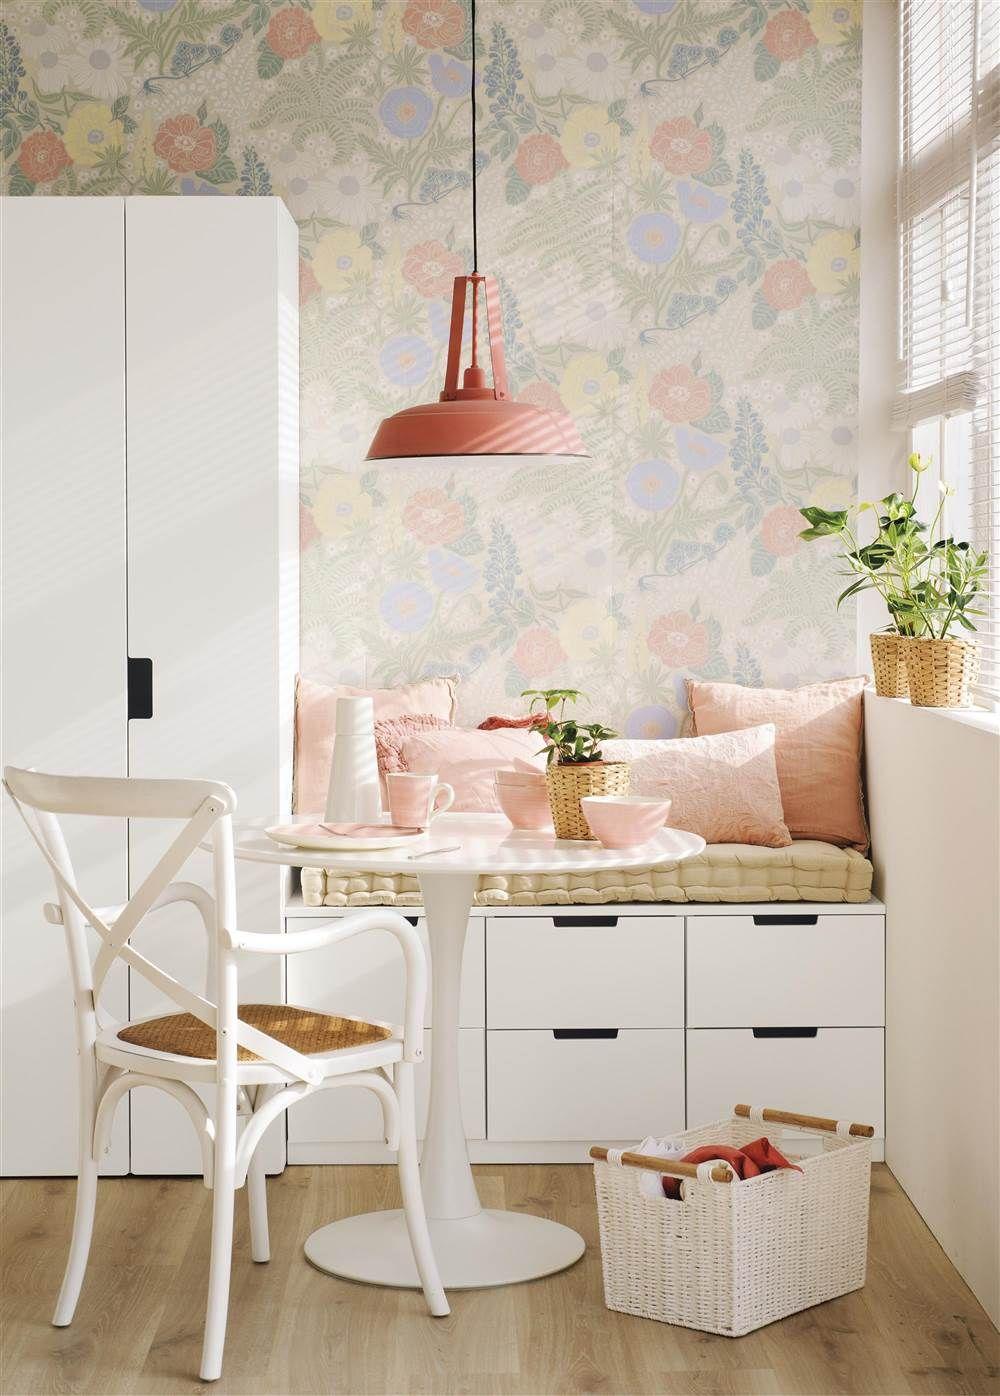 El mismo mueble, tres usos | Sillas blancas, Papel pintado y Sillas